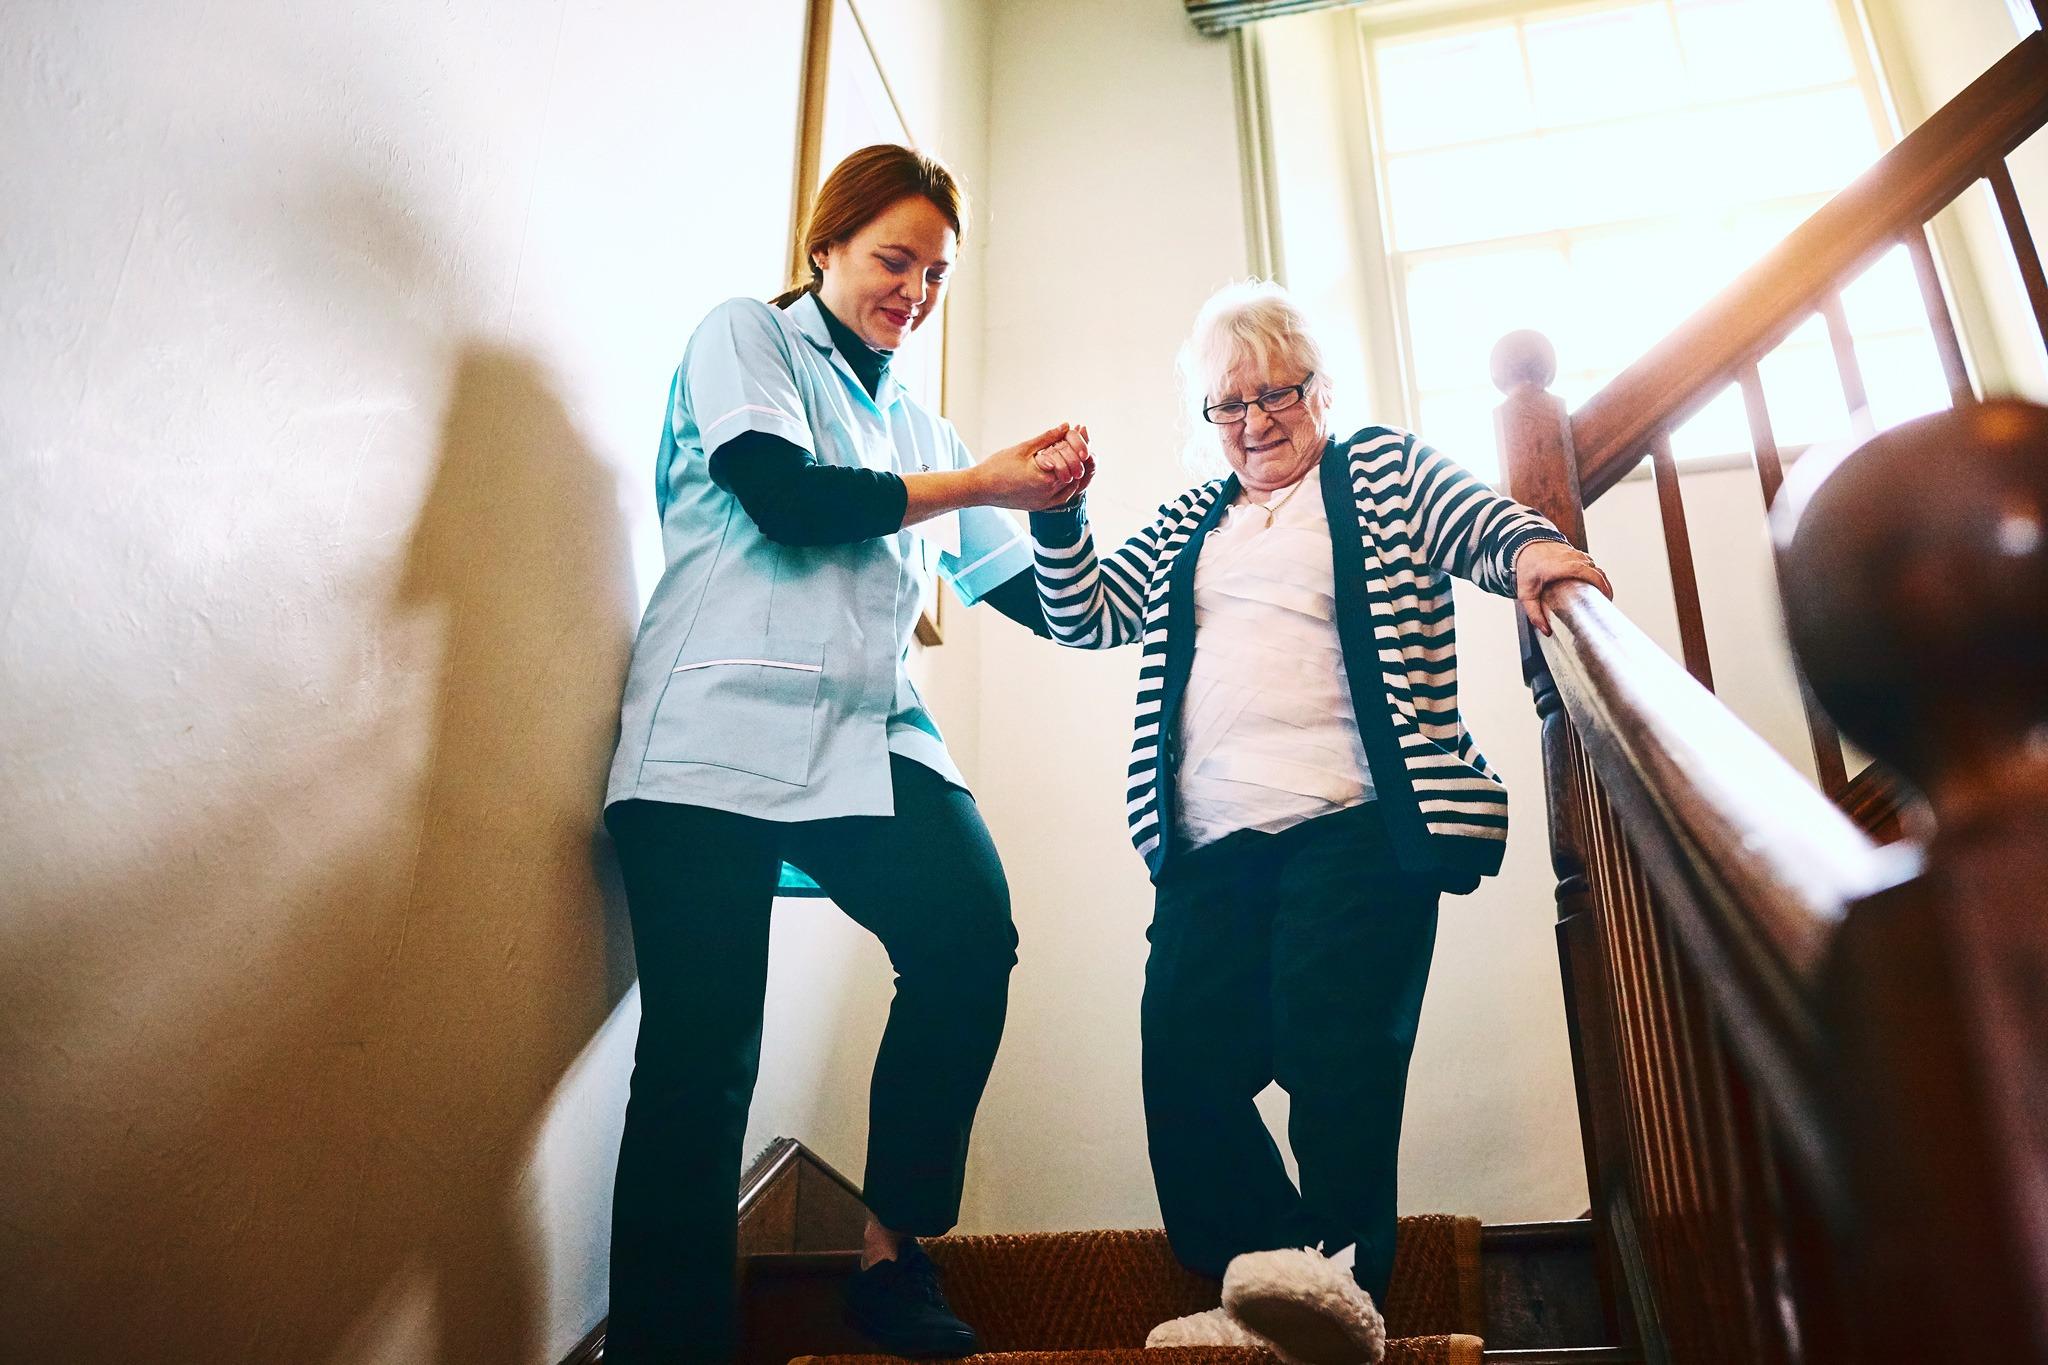 Eine Pflegerin hilft einer älteren Damen beim Treppen runterlaufen.